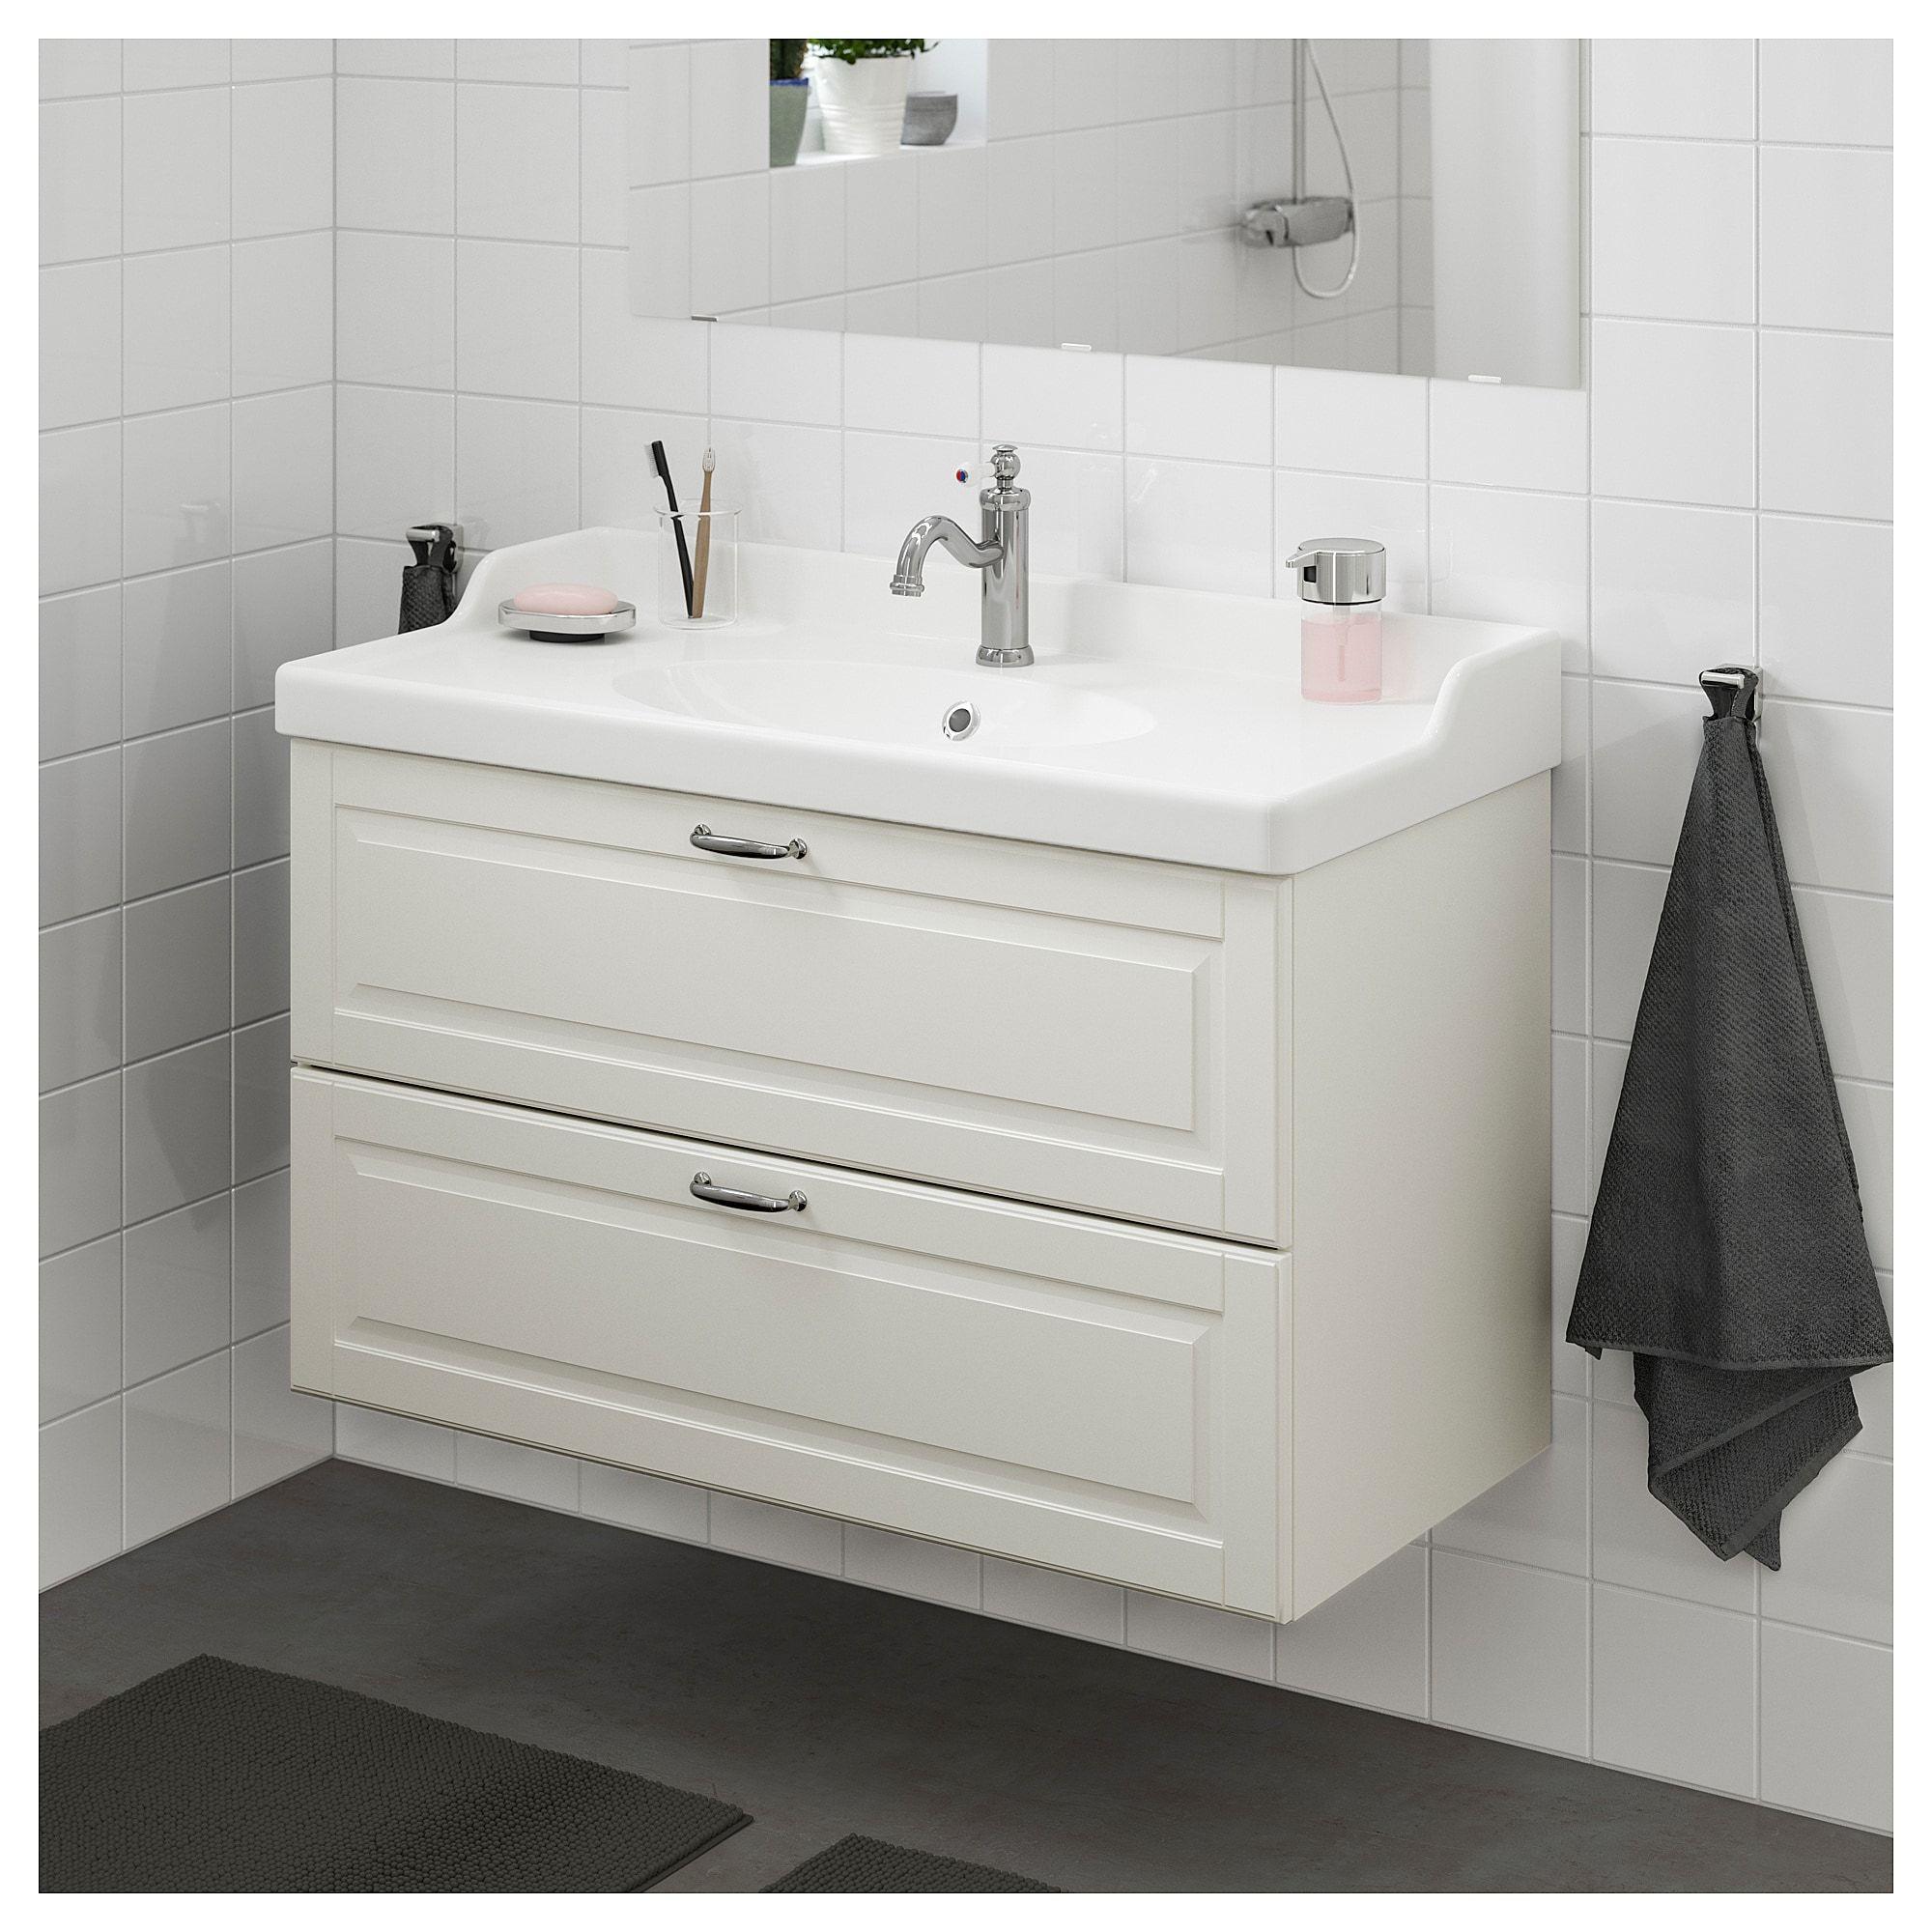 the best attitude 49507 93724 GODMORGON / RÄTTVIKEN Bathroom vanity, Kasjön white | Sink ...